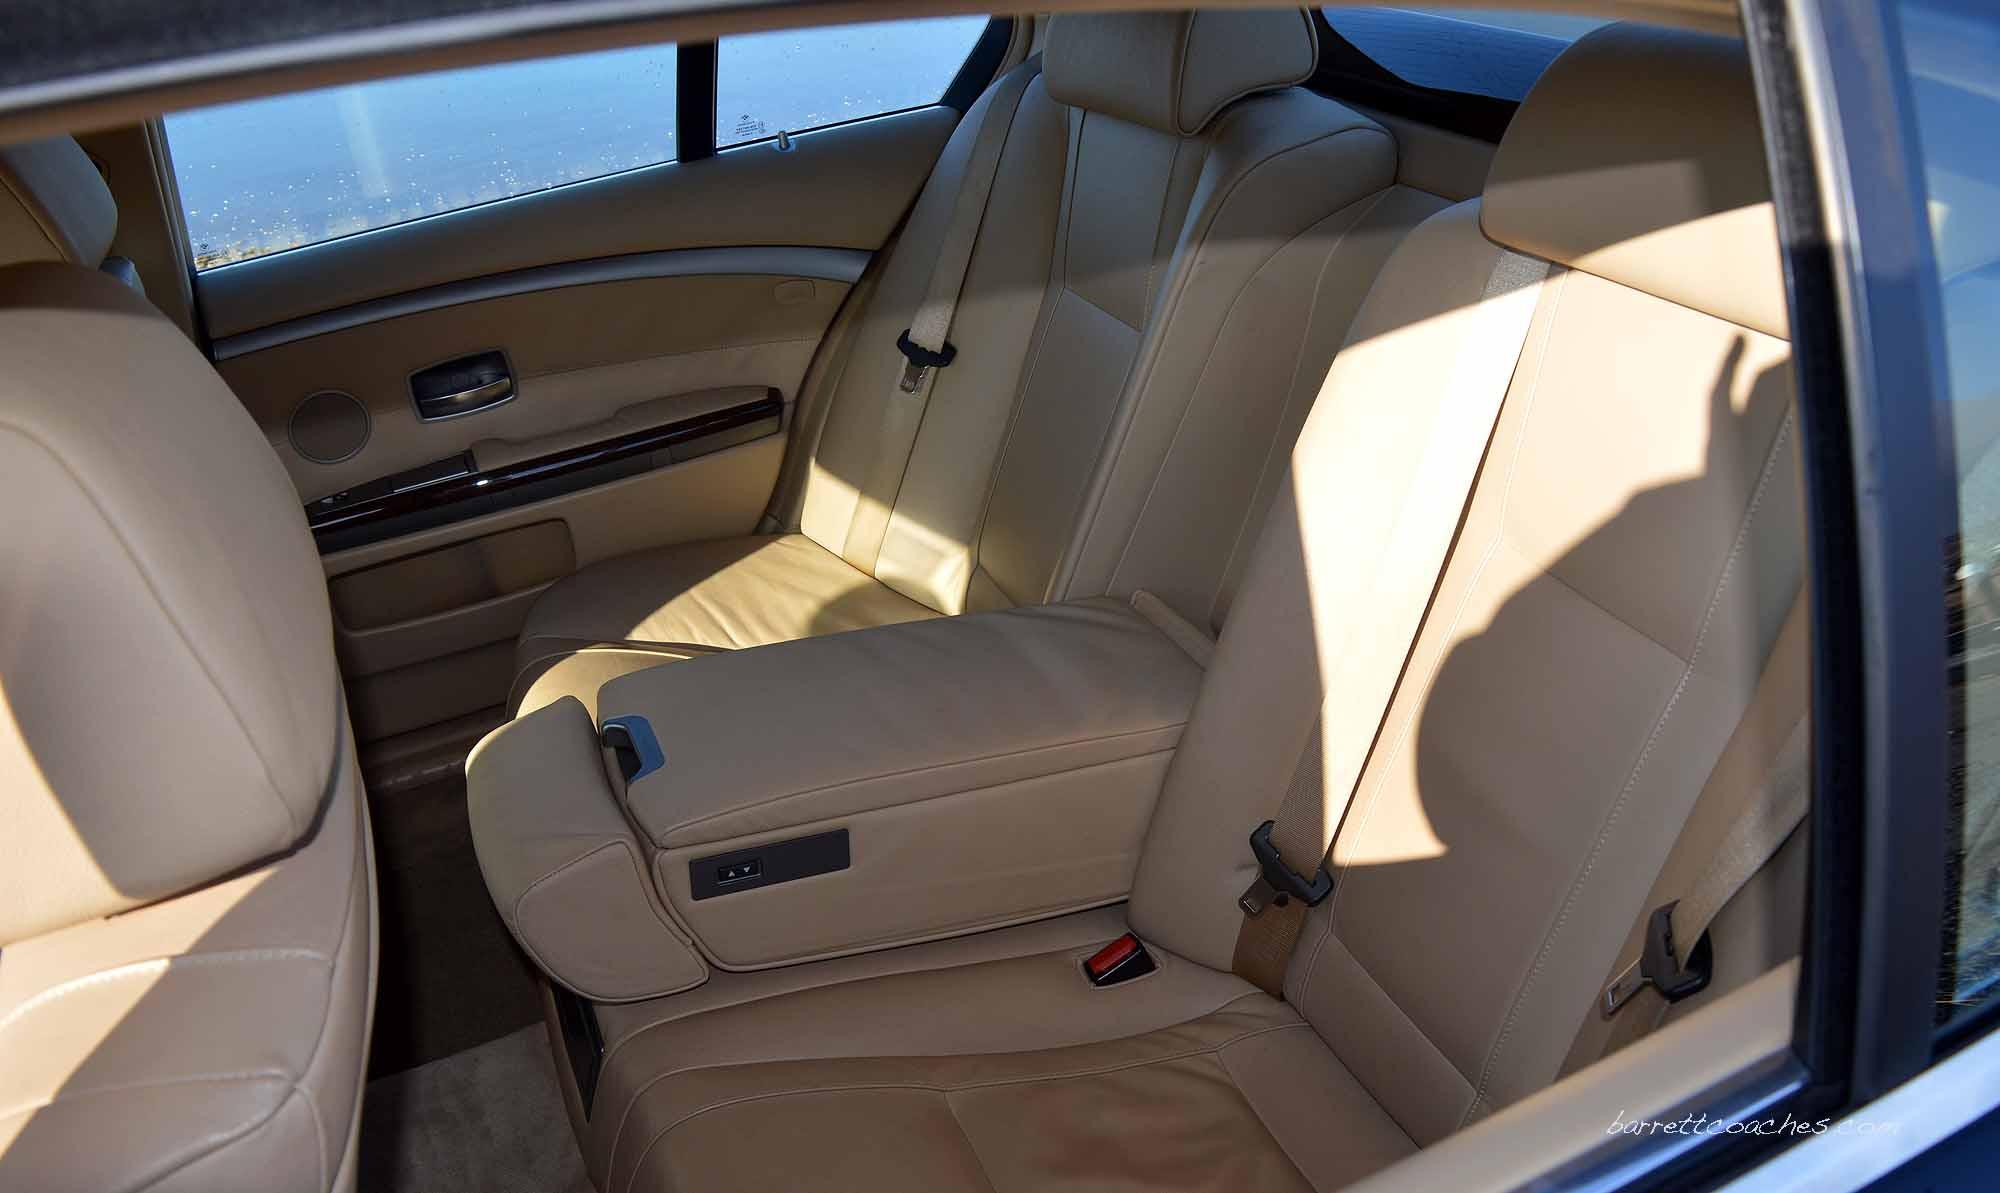 Barrett Coaches Chauffeur driven car interior